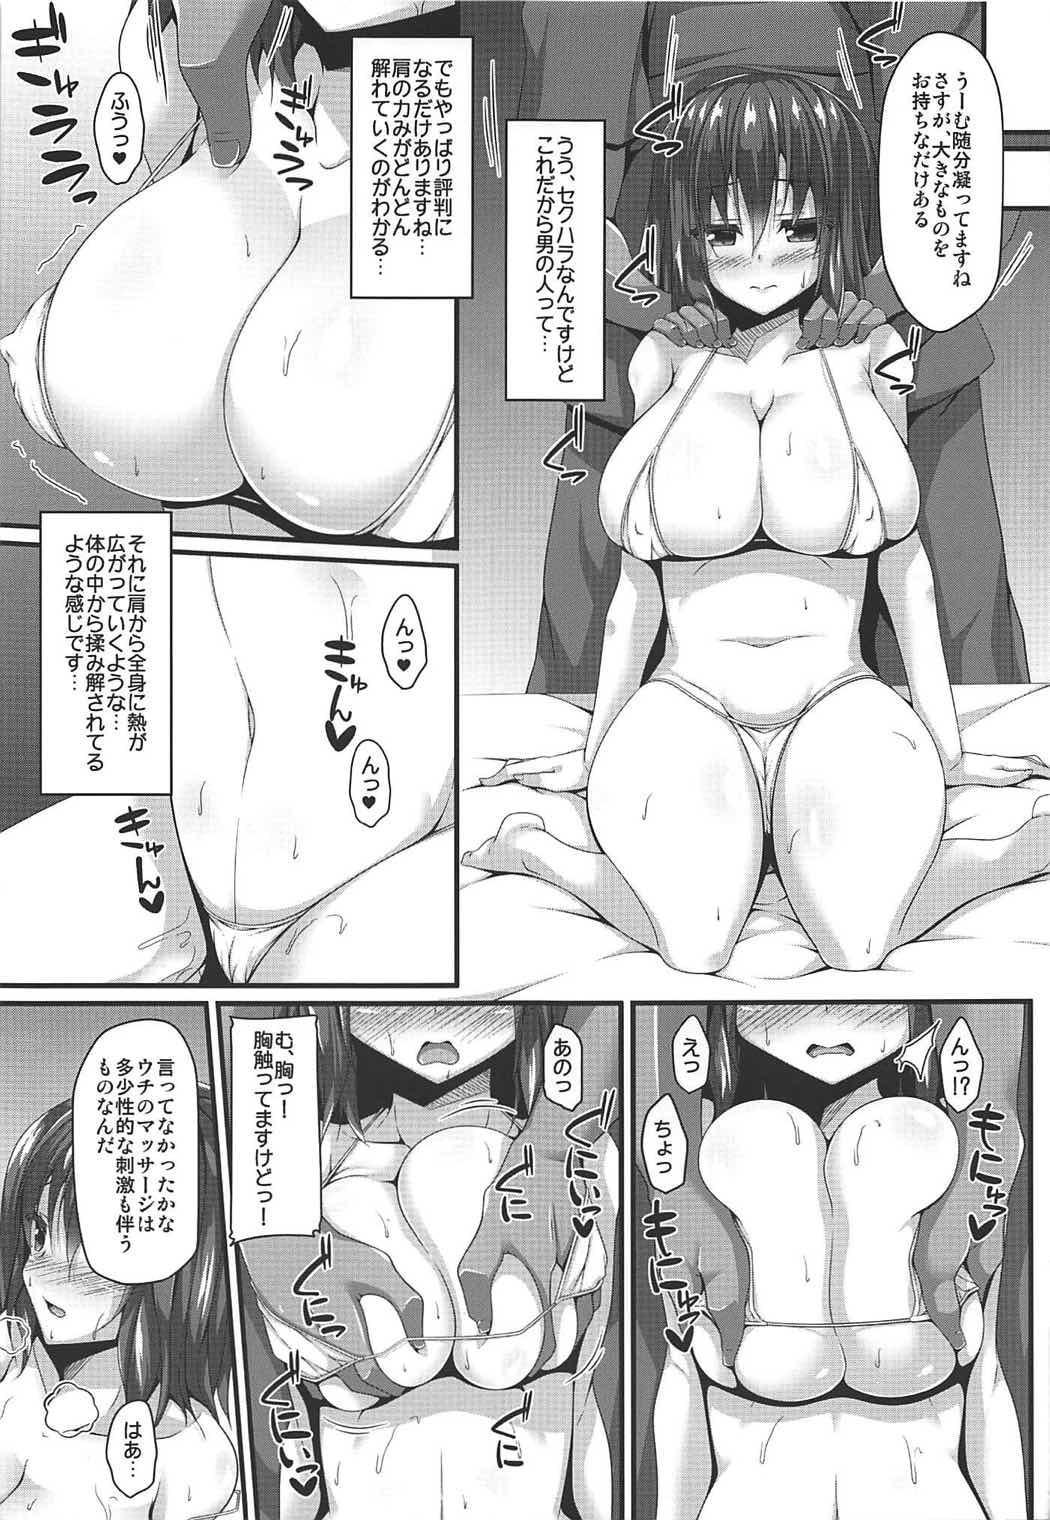 Ryuugyo no Majiwari 5